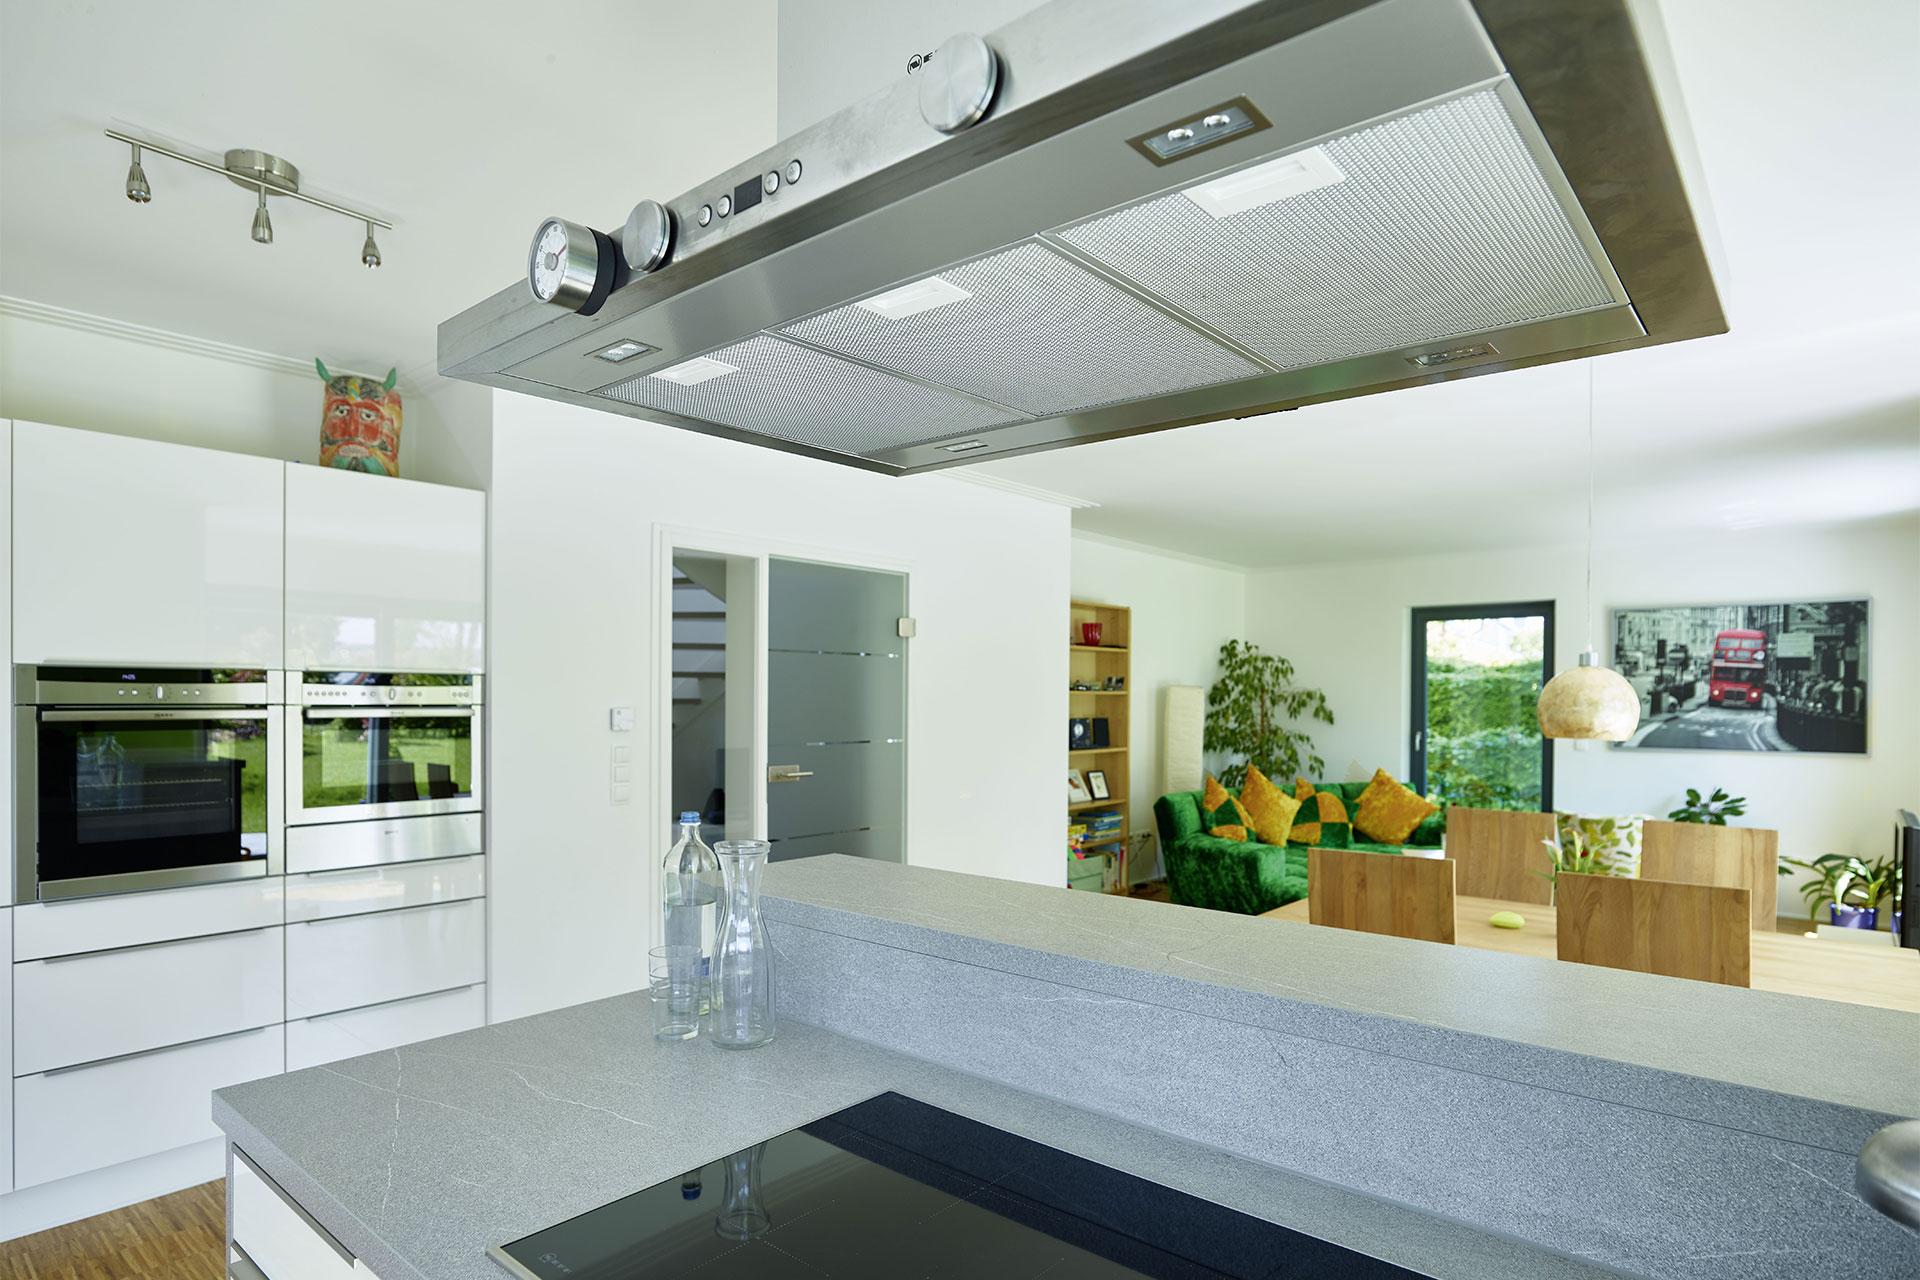 ma geschneidertes einfamilienhaus burbach ein fertighaus von gussek haus. Black Bedroom Furniture Sets. Home Design Ideas